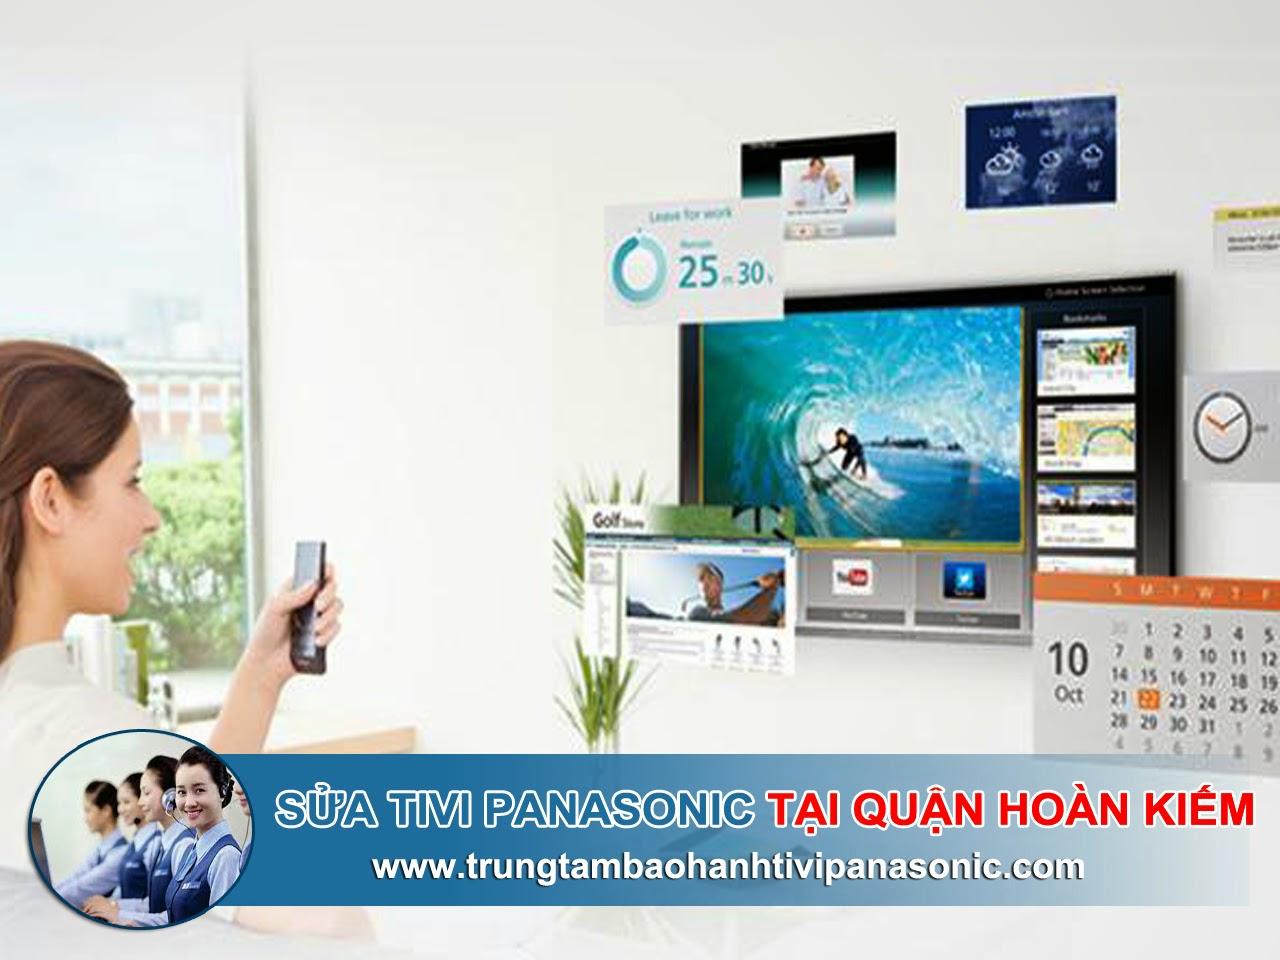 Sửa tivi Panasonic tại quận Hoàn Kiếm | Uy tín